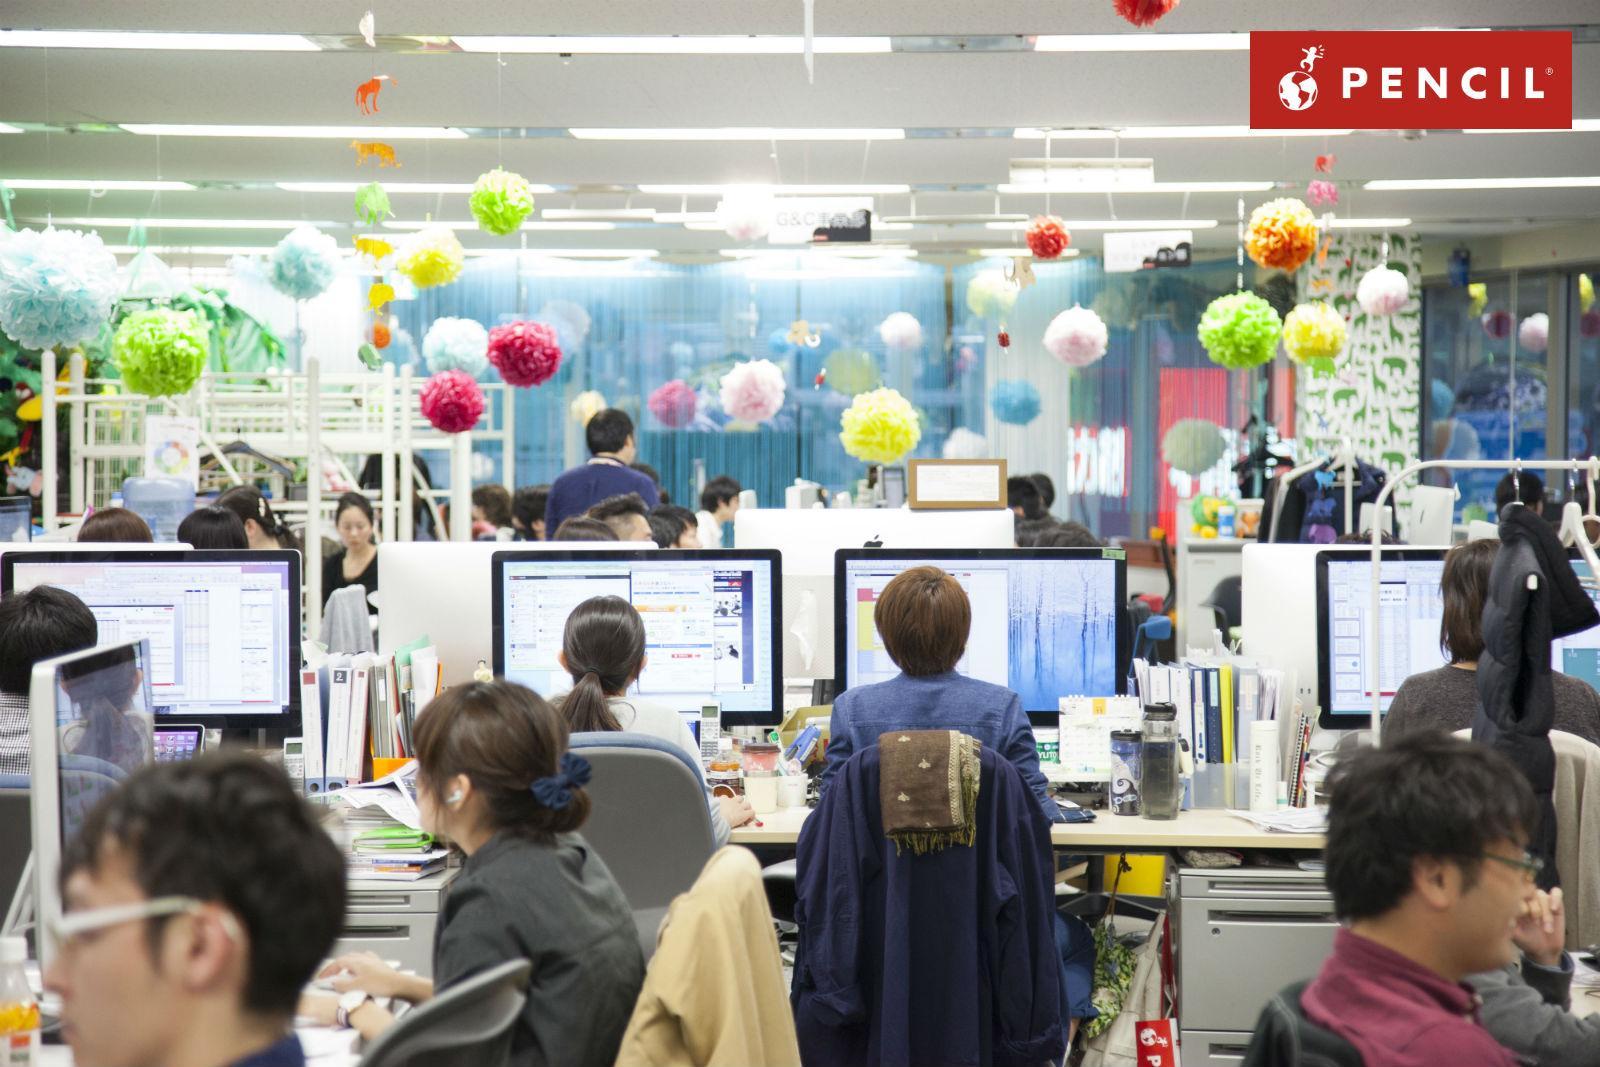 【福岡から世界へ】定型の経理業務では物足りない方へ【九州初のPRIDE指標ゴールド受賞】